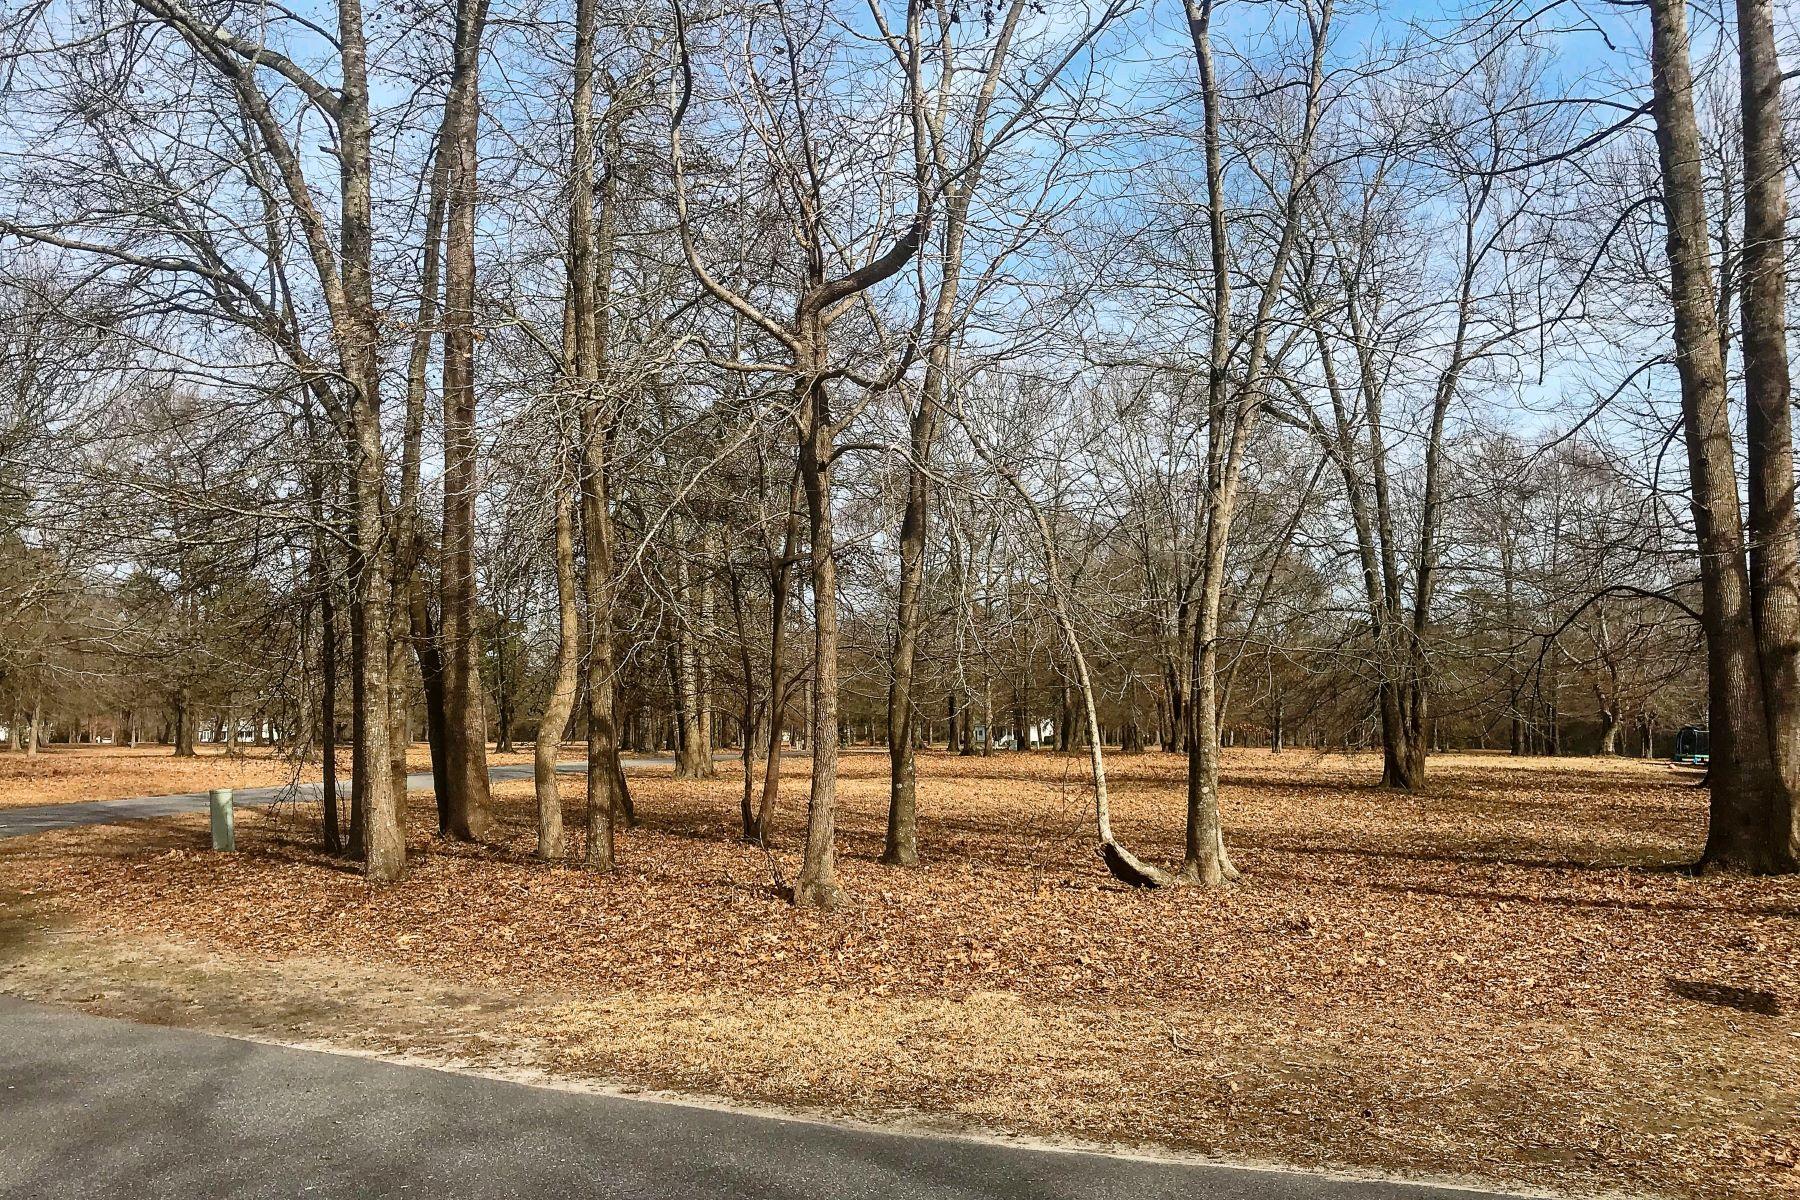 Land for Sale at CORNER LOT AT EDENTON BAY PLANTATION 200 Heritage Pt Dr Edenton, North Carolina 27932 United States